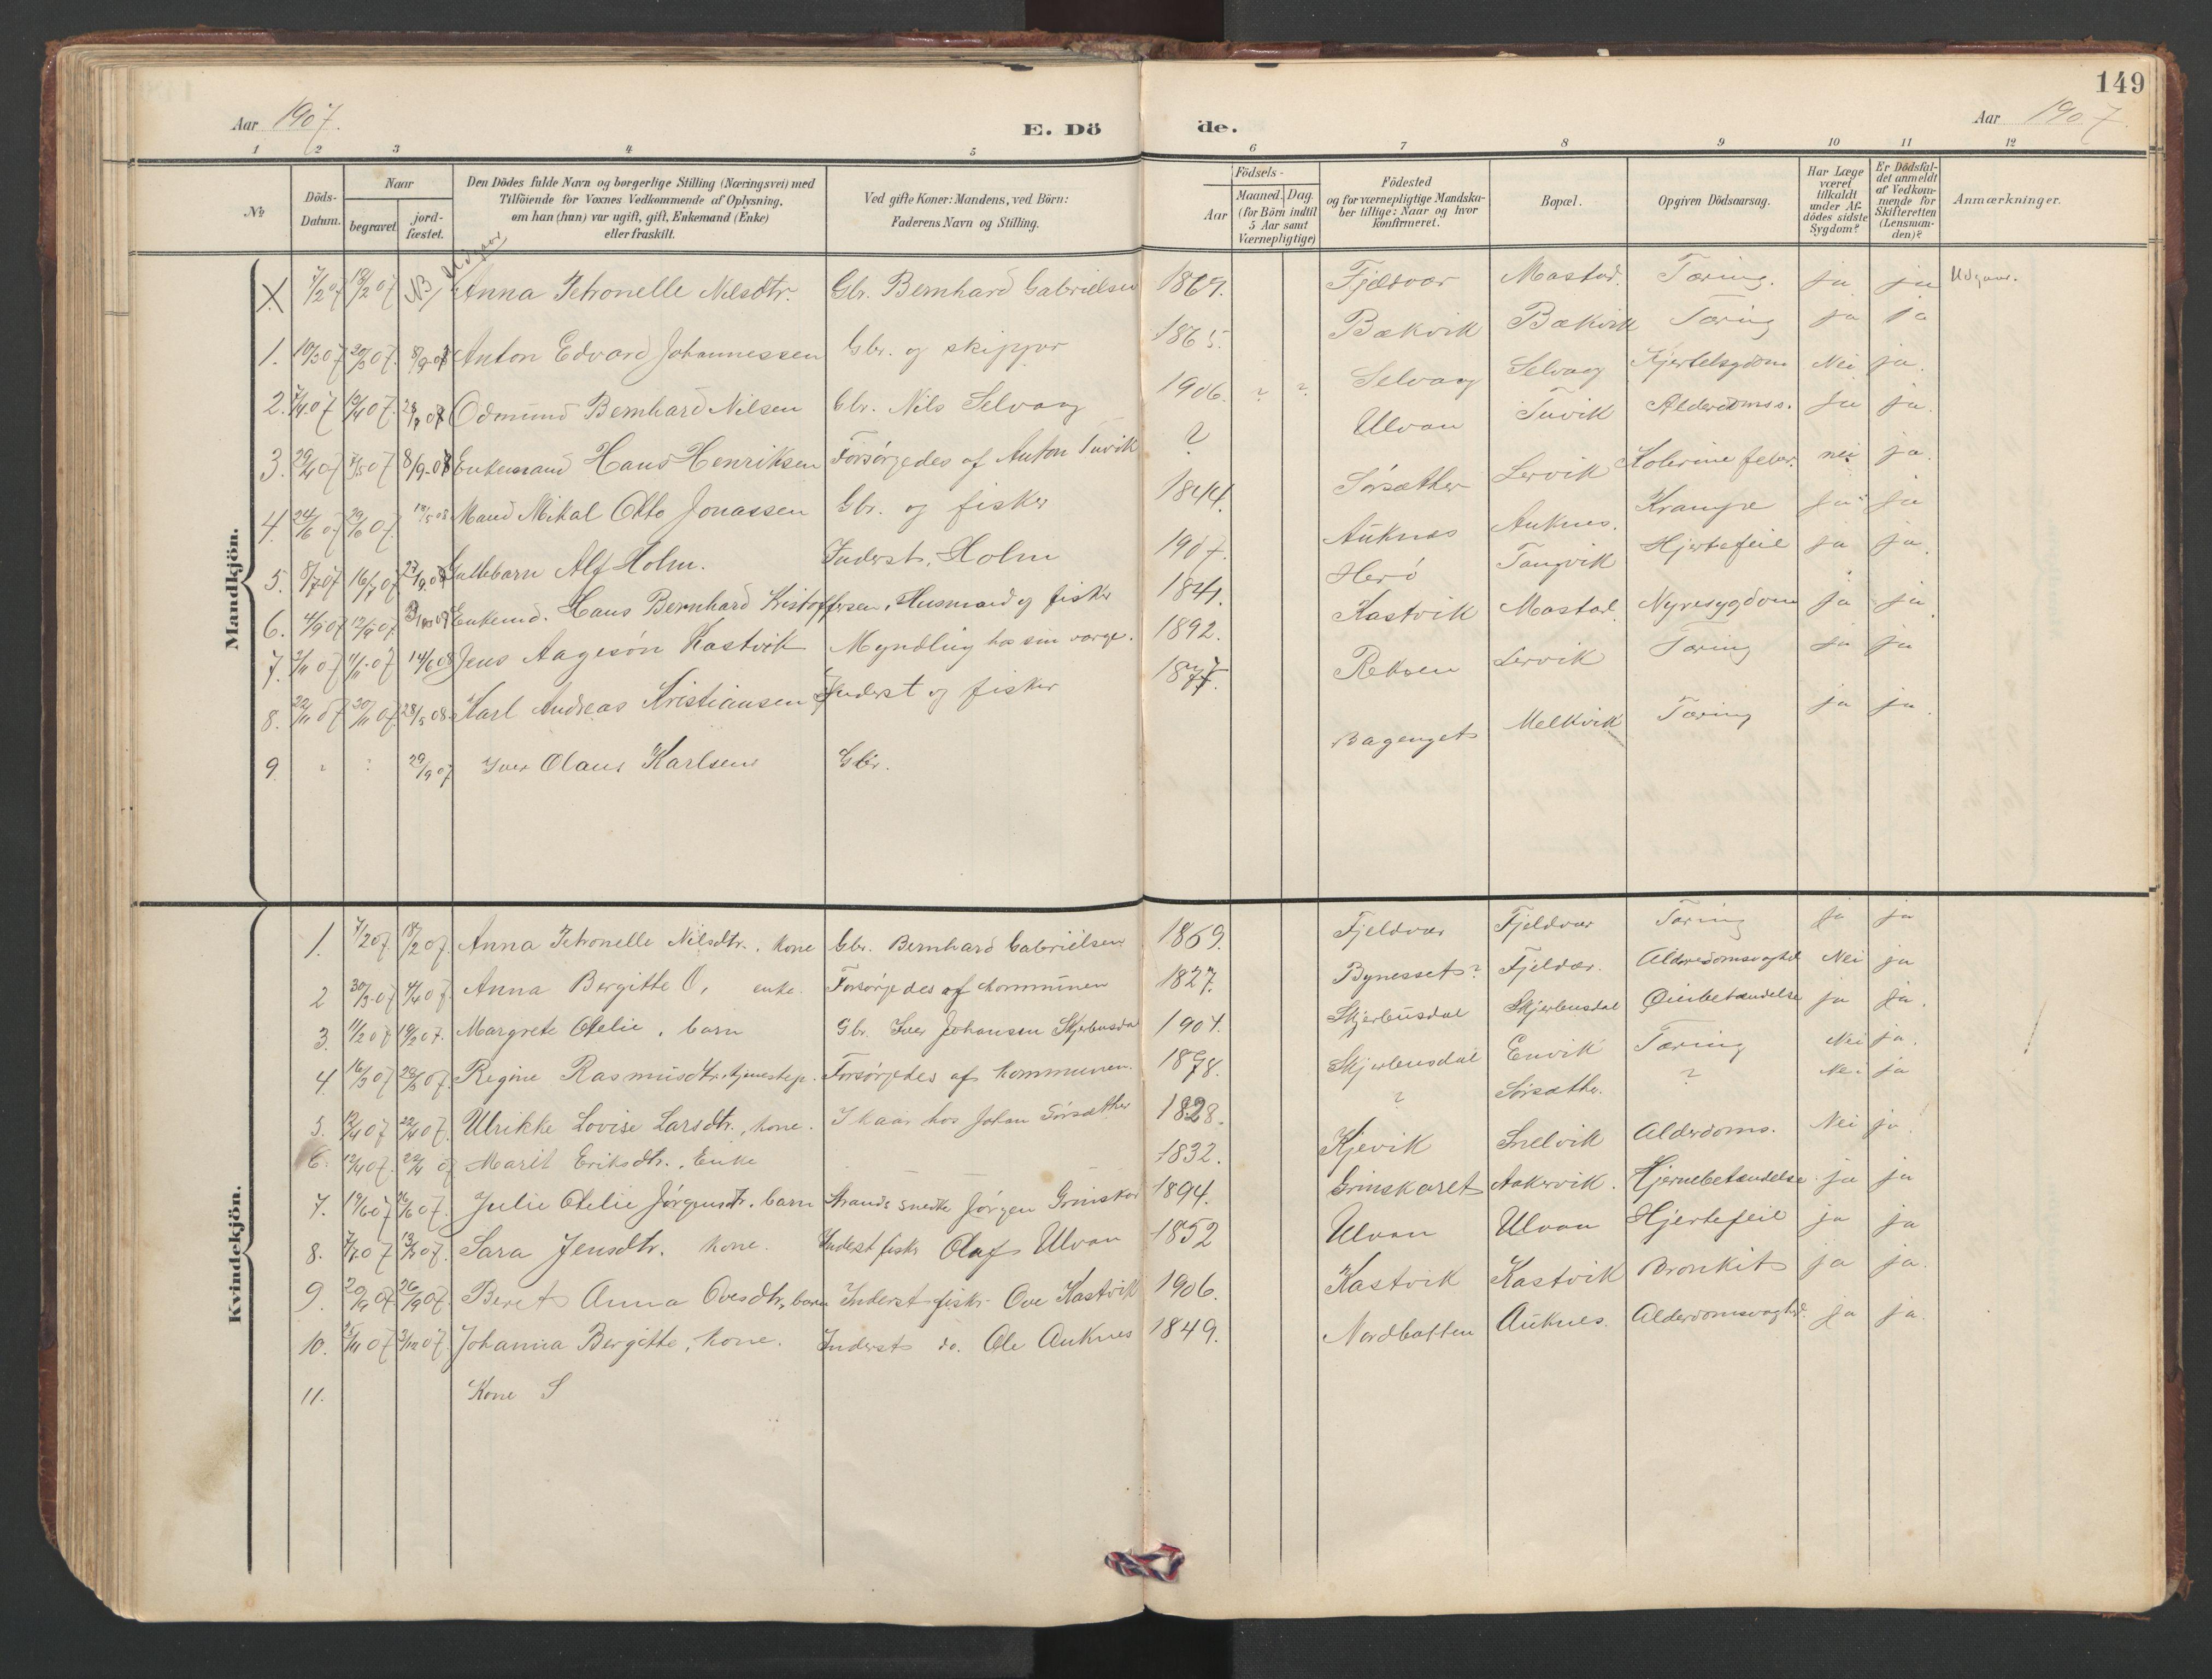 SAT, Ministerialprotokoller, klokkerbøker og fødselsregistre - Sør-Trøndelag, 638/L0571: Klokkerbok nr. 638C03, 1901-1930, s. 149